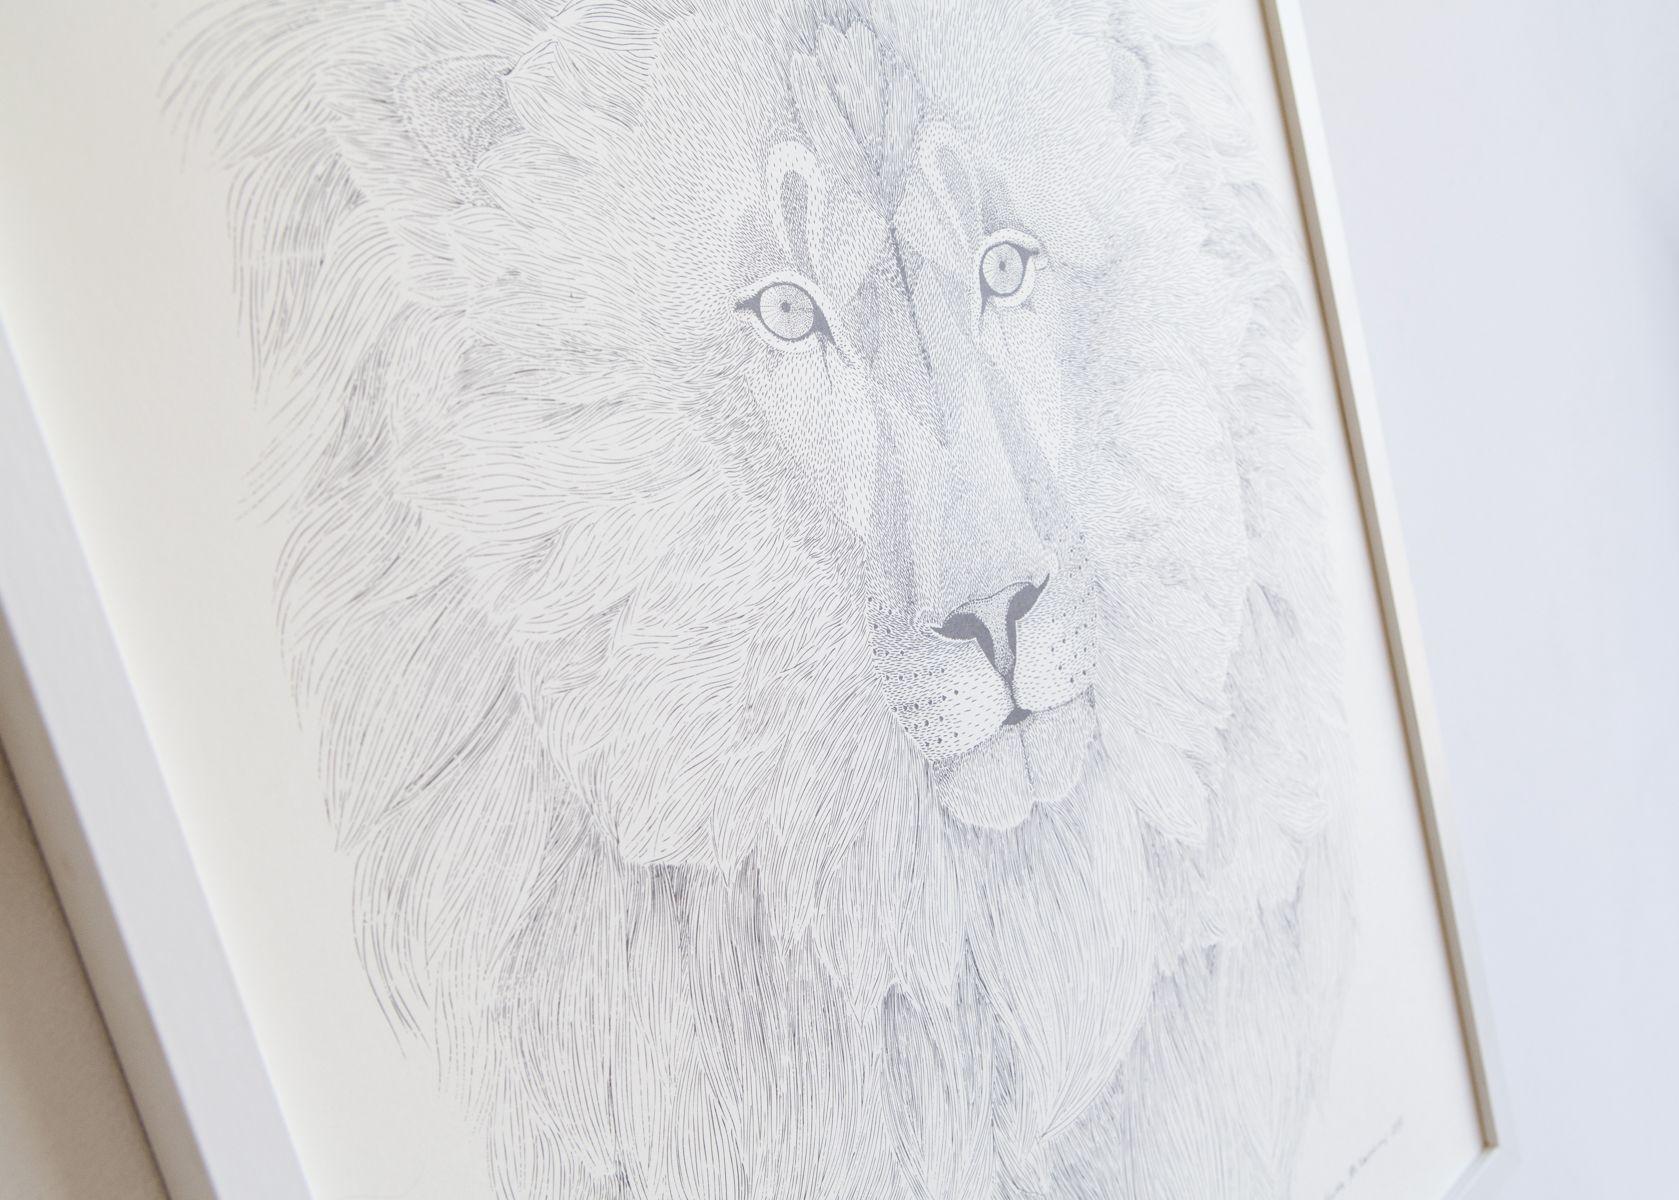 V srdci lva